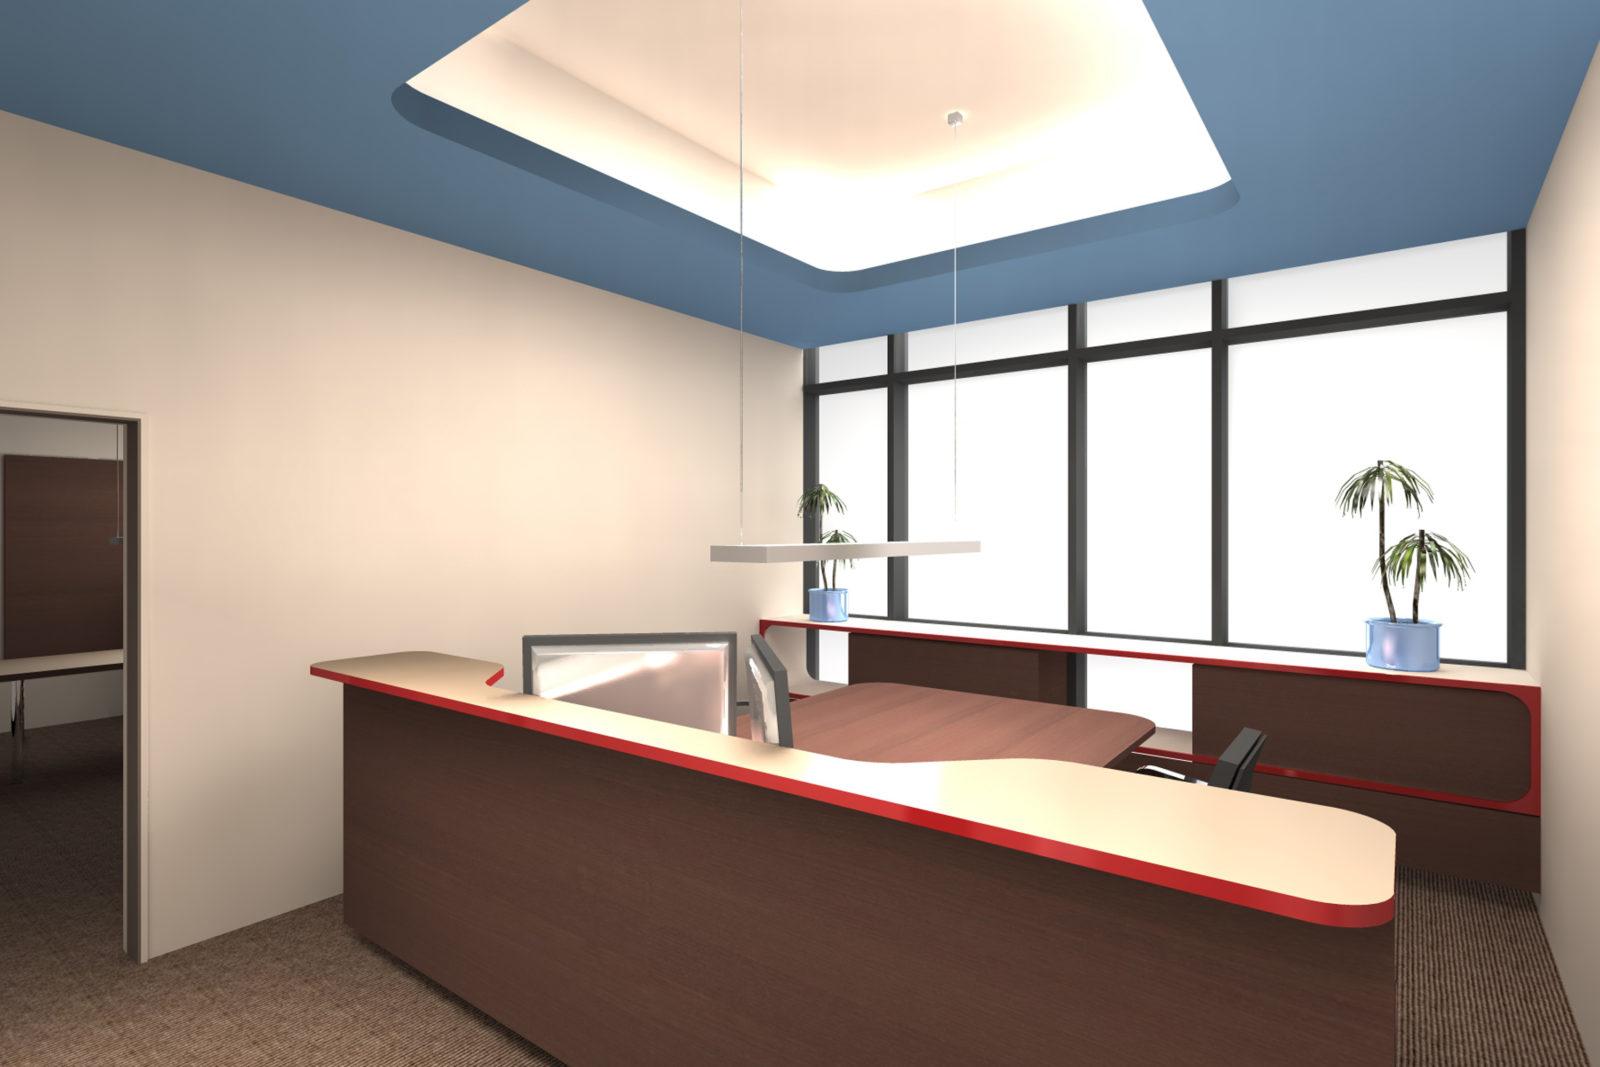 Neugestaltung Geschäftsräume GiSA GmbH in Halle - Sekretariat